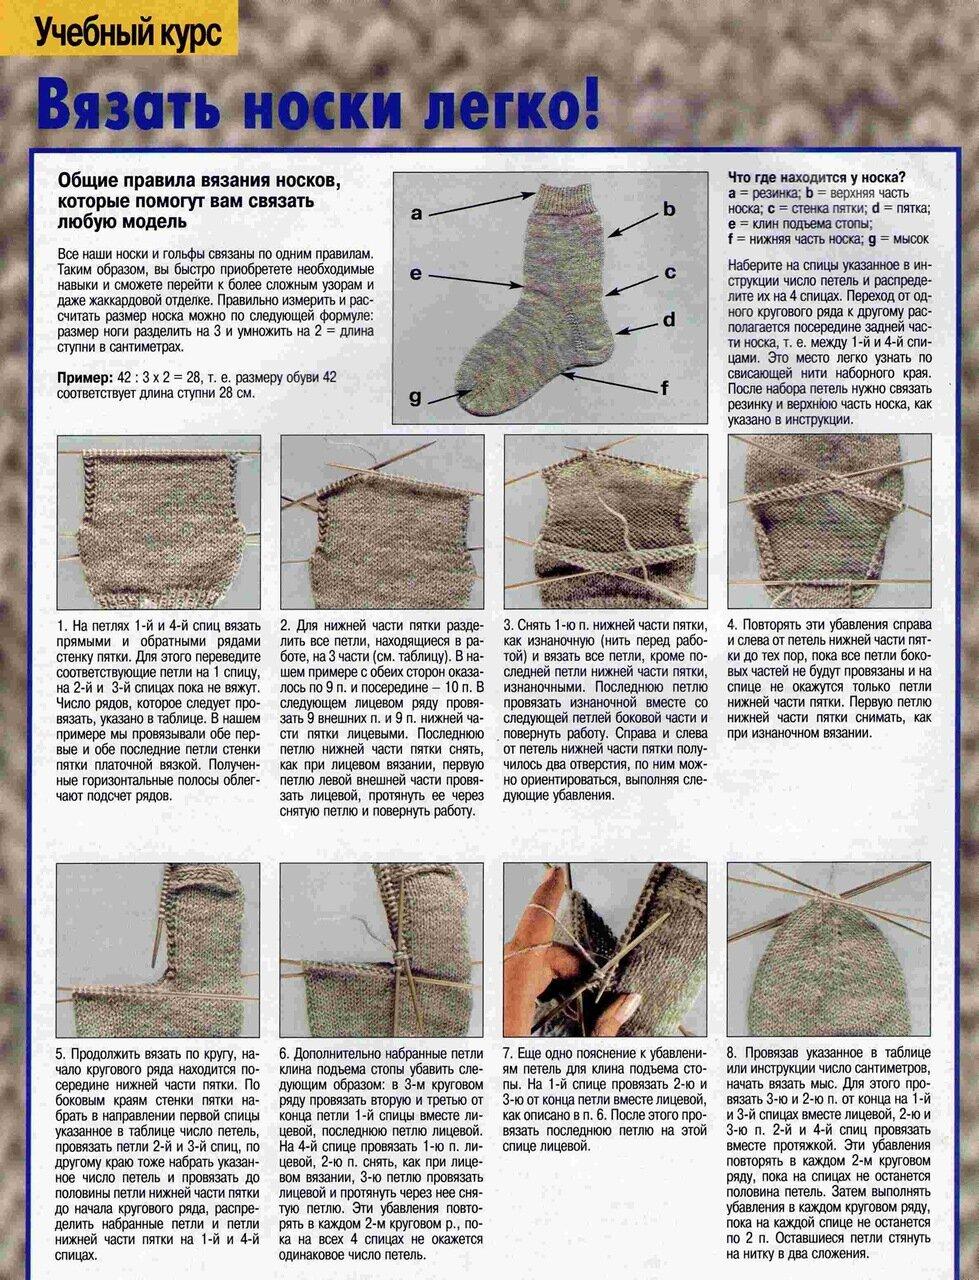 как вязать носки спицами своими руками - иллюстрированный курс по шагам бесплатно